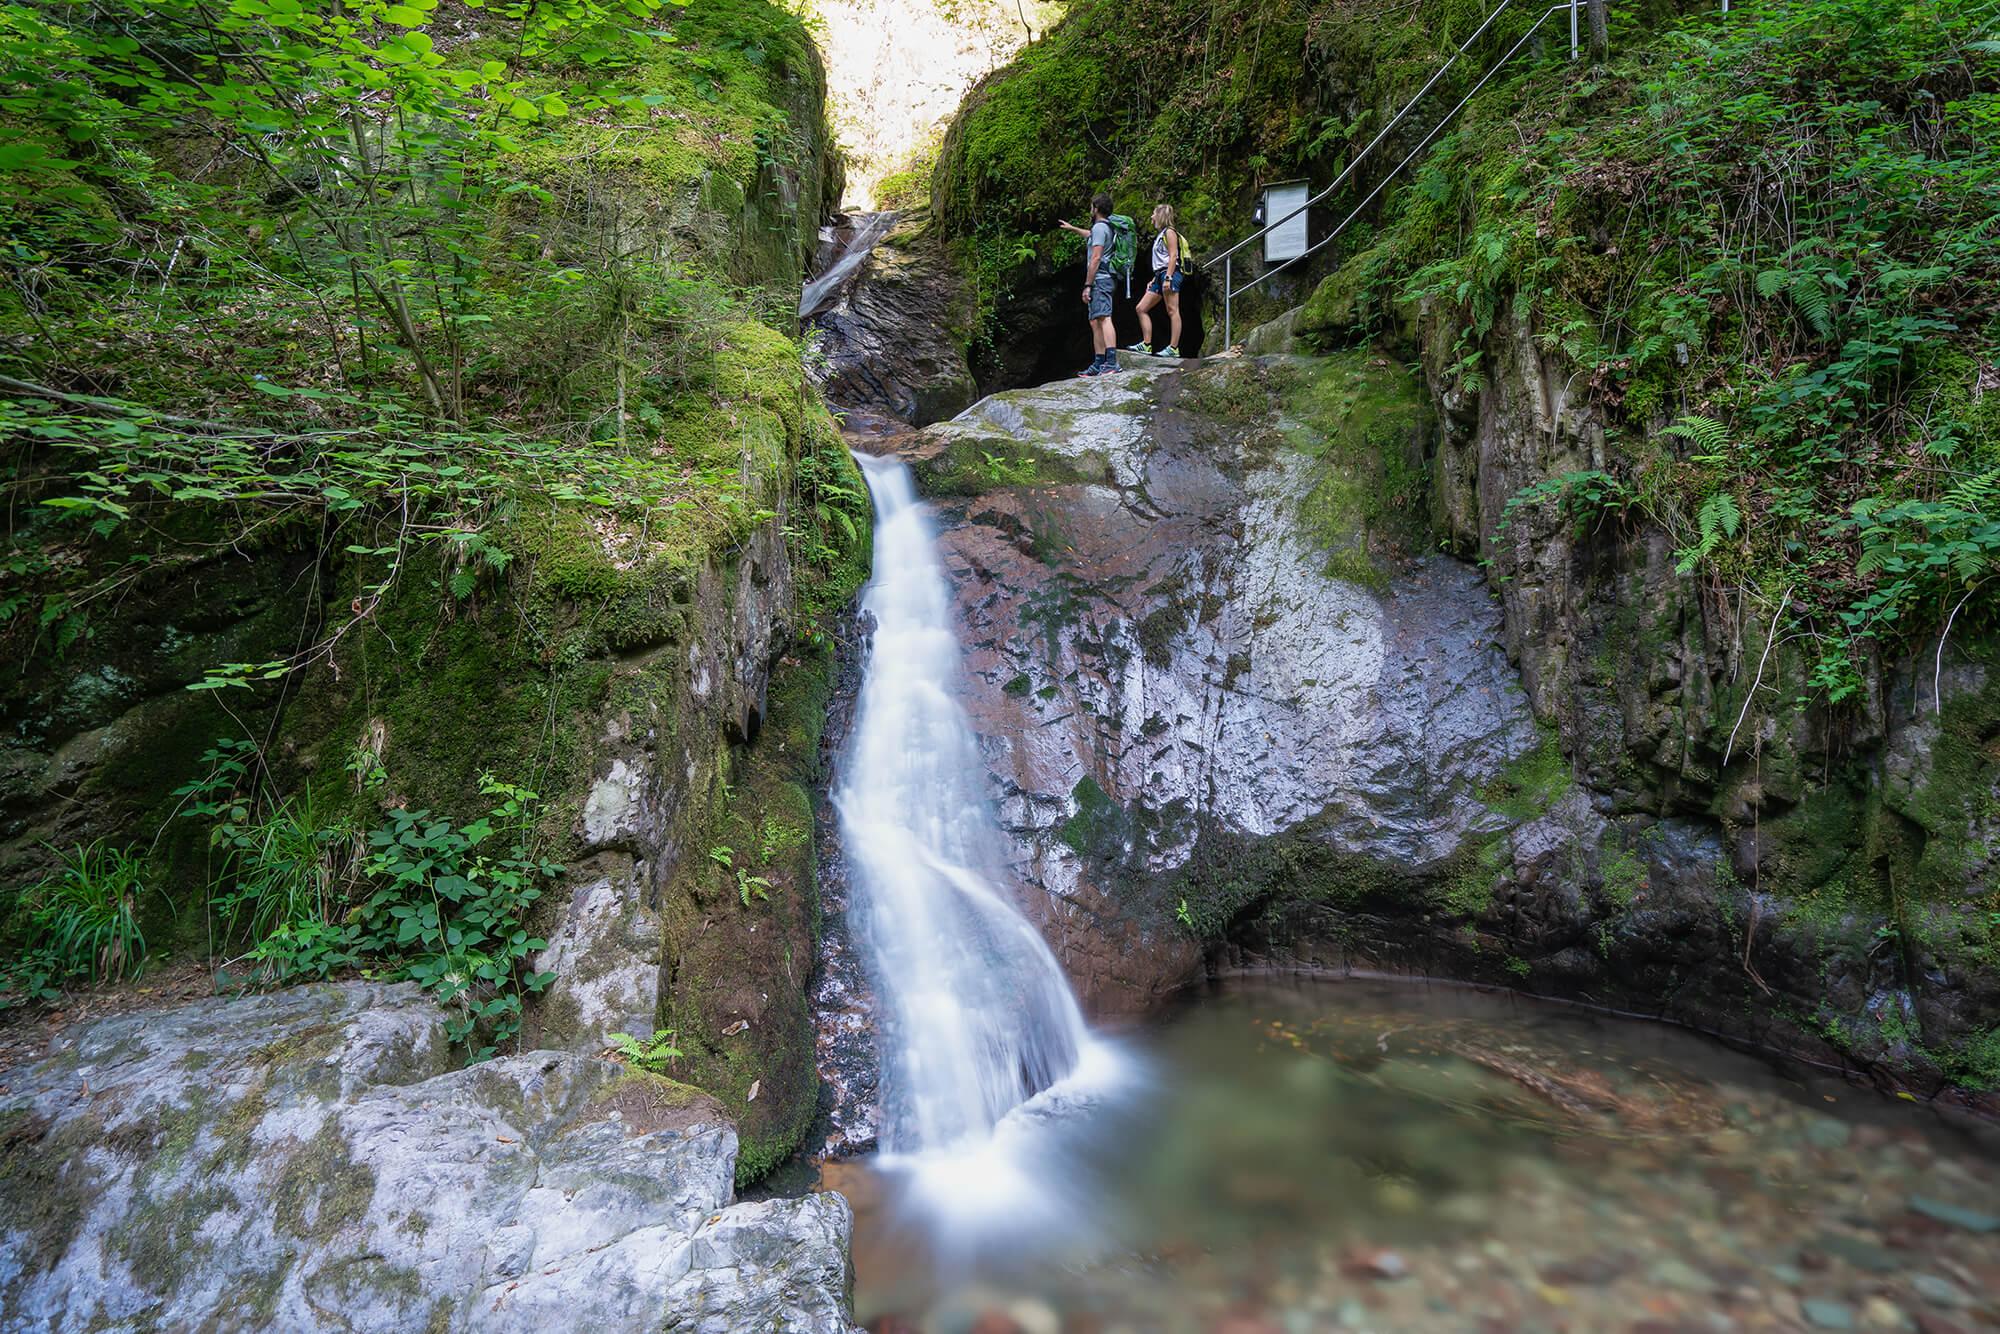 Edelfrauengrab-Wasserfälle Ottenhöfen © Tourist-Info Ottenhöfen